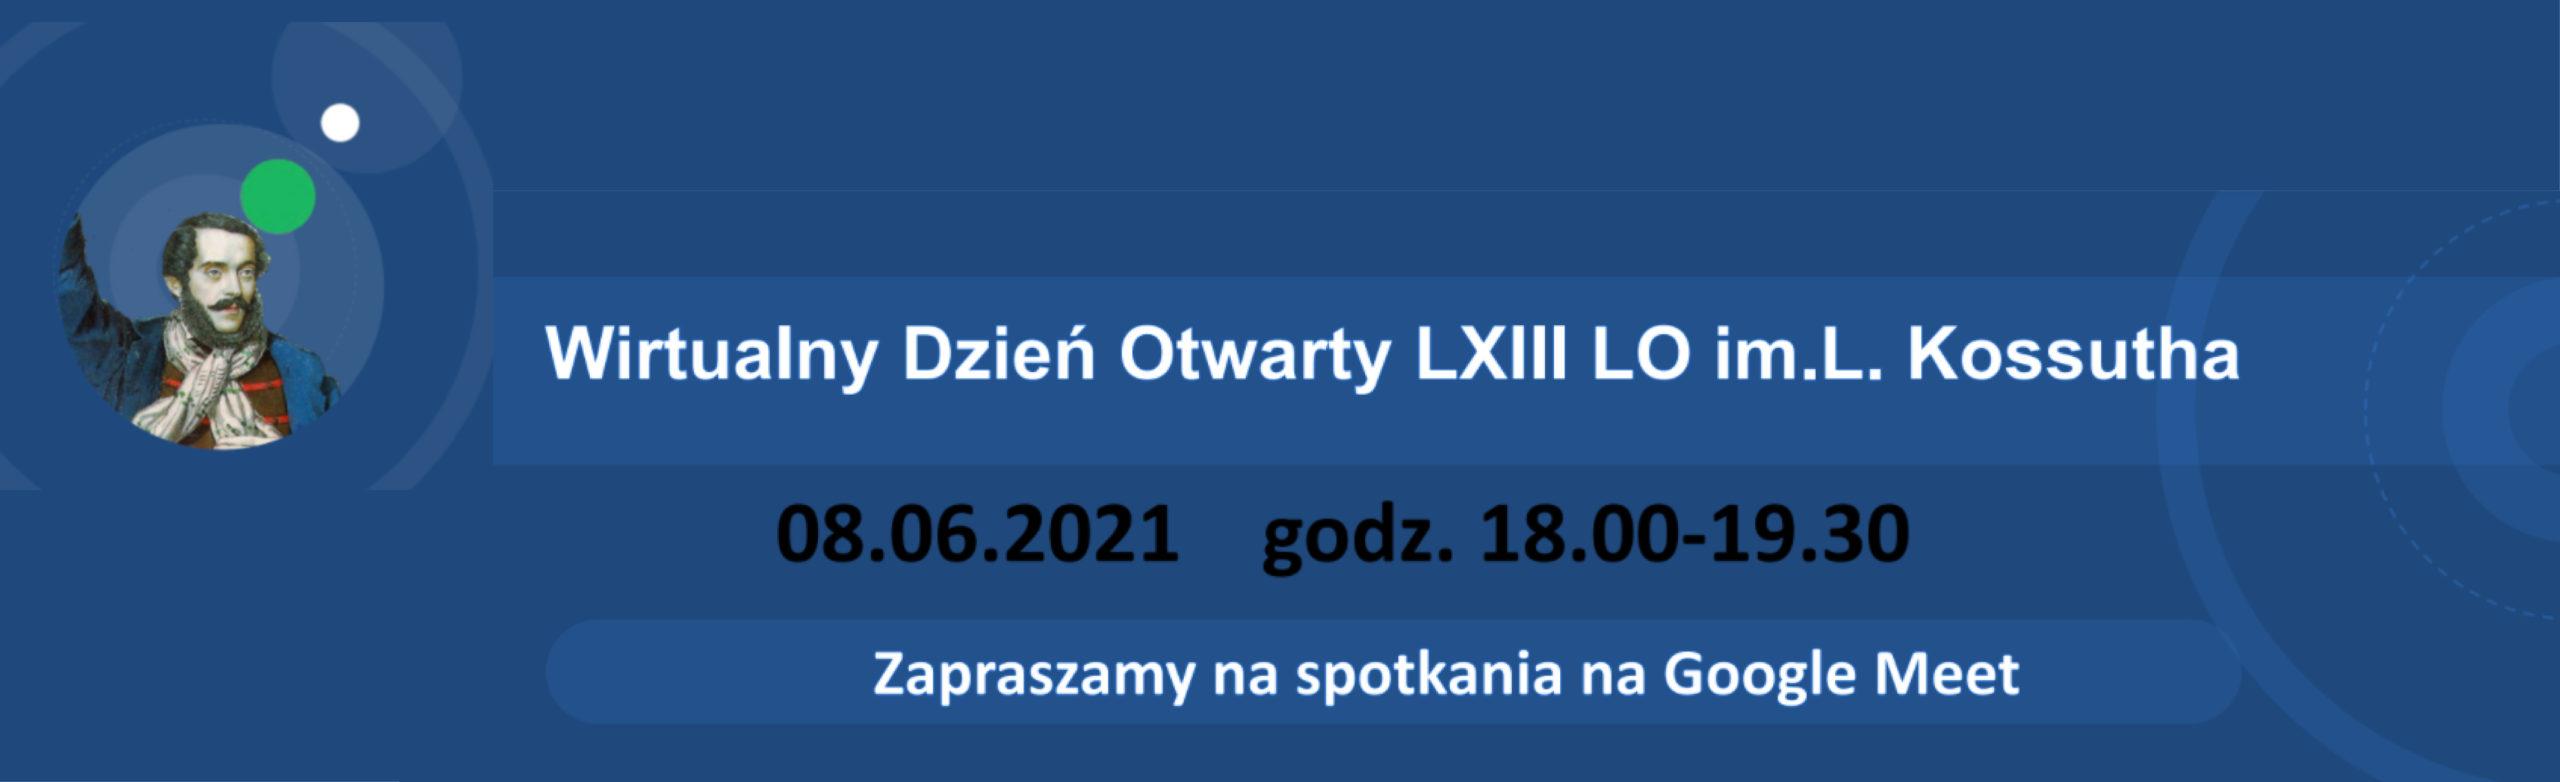 Dzień  Otwarty online 08.06.2021r. w LXIII Liceum Ogólnokształcącym im. Lajosa Kossutha w Warszawie